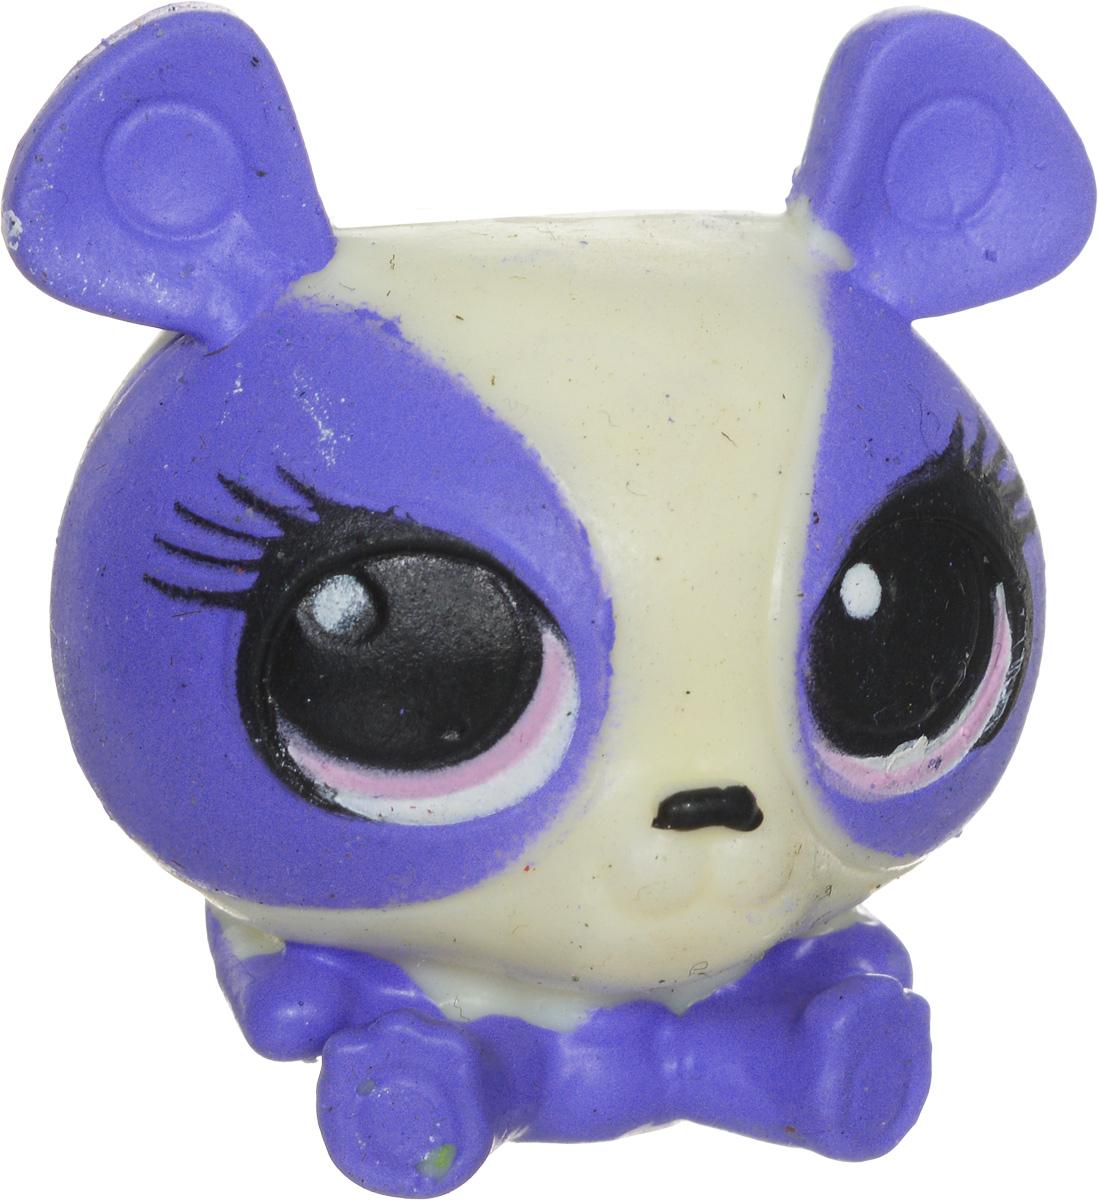 Littlest Pet Shop Фигурка-мялка цвет фиолетовый белый1134405_фиолетовый, белыйФигурка-мялка Littlest Pet Shop непременно понравится вашему ребенку! Фигурка выполнена в виде забавной зверушки - героя мультфильма Littlest Pet Shop. Игрушка выполнена из безопасного полимерного материала, благодаря чему ее можно сжимать, крутить, кидать - а она всегда будет возвращаться в первоначальный вид. Фигурка-мялка Littlest Pet Shop способствует развитию мелкой моторики пальцев рук, развивает творческое мышление, укрепляет кистевые мышцы рук, создает позитивный эмоциональный фон и является замечательной антистрессовой игрушкой. Порадуйте свое чадо таким замечательным подарком!